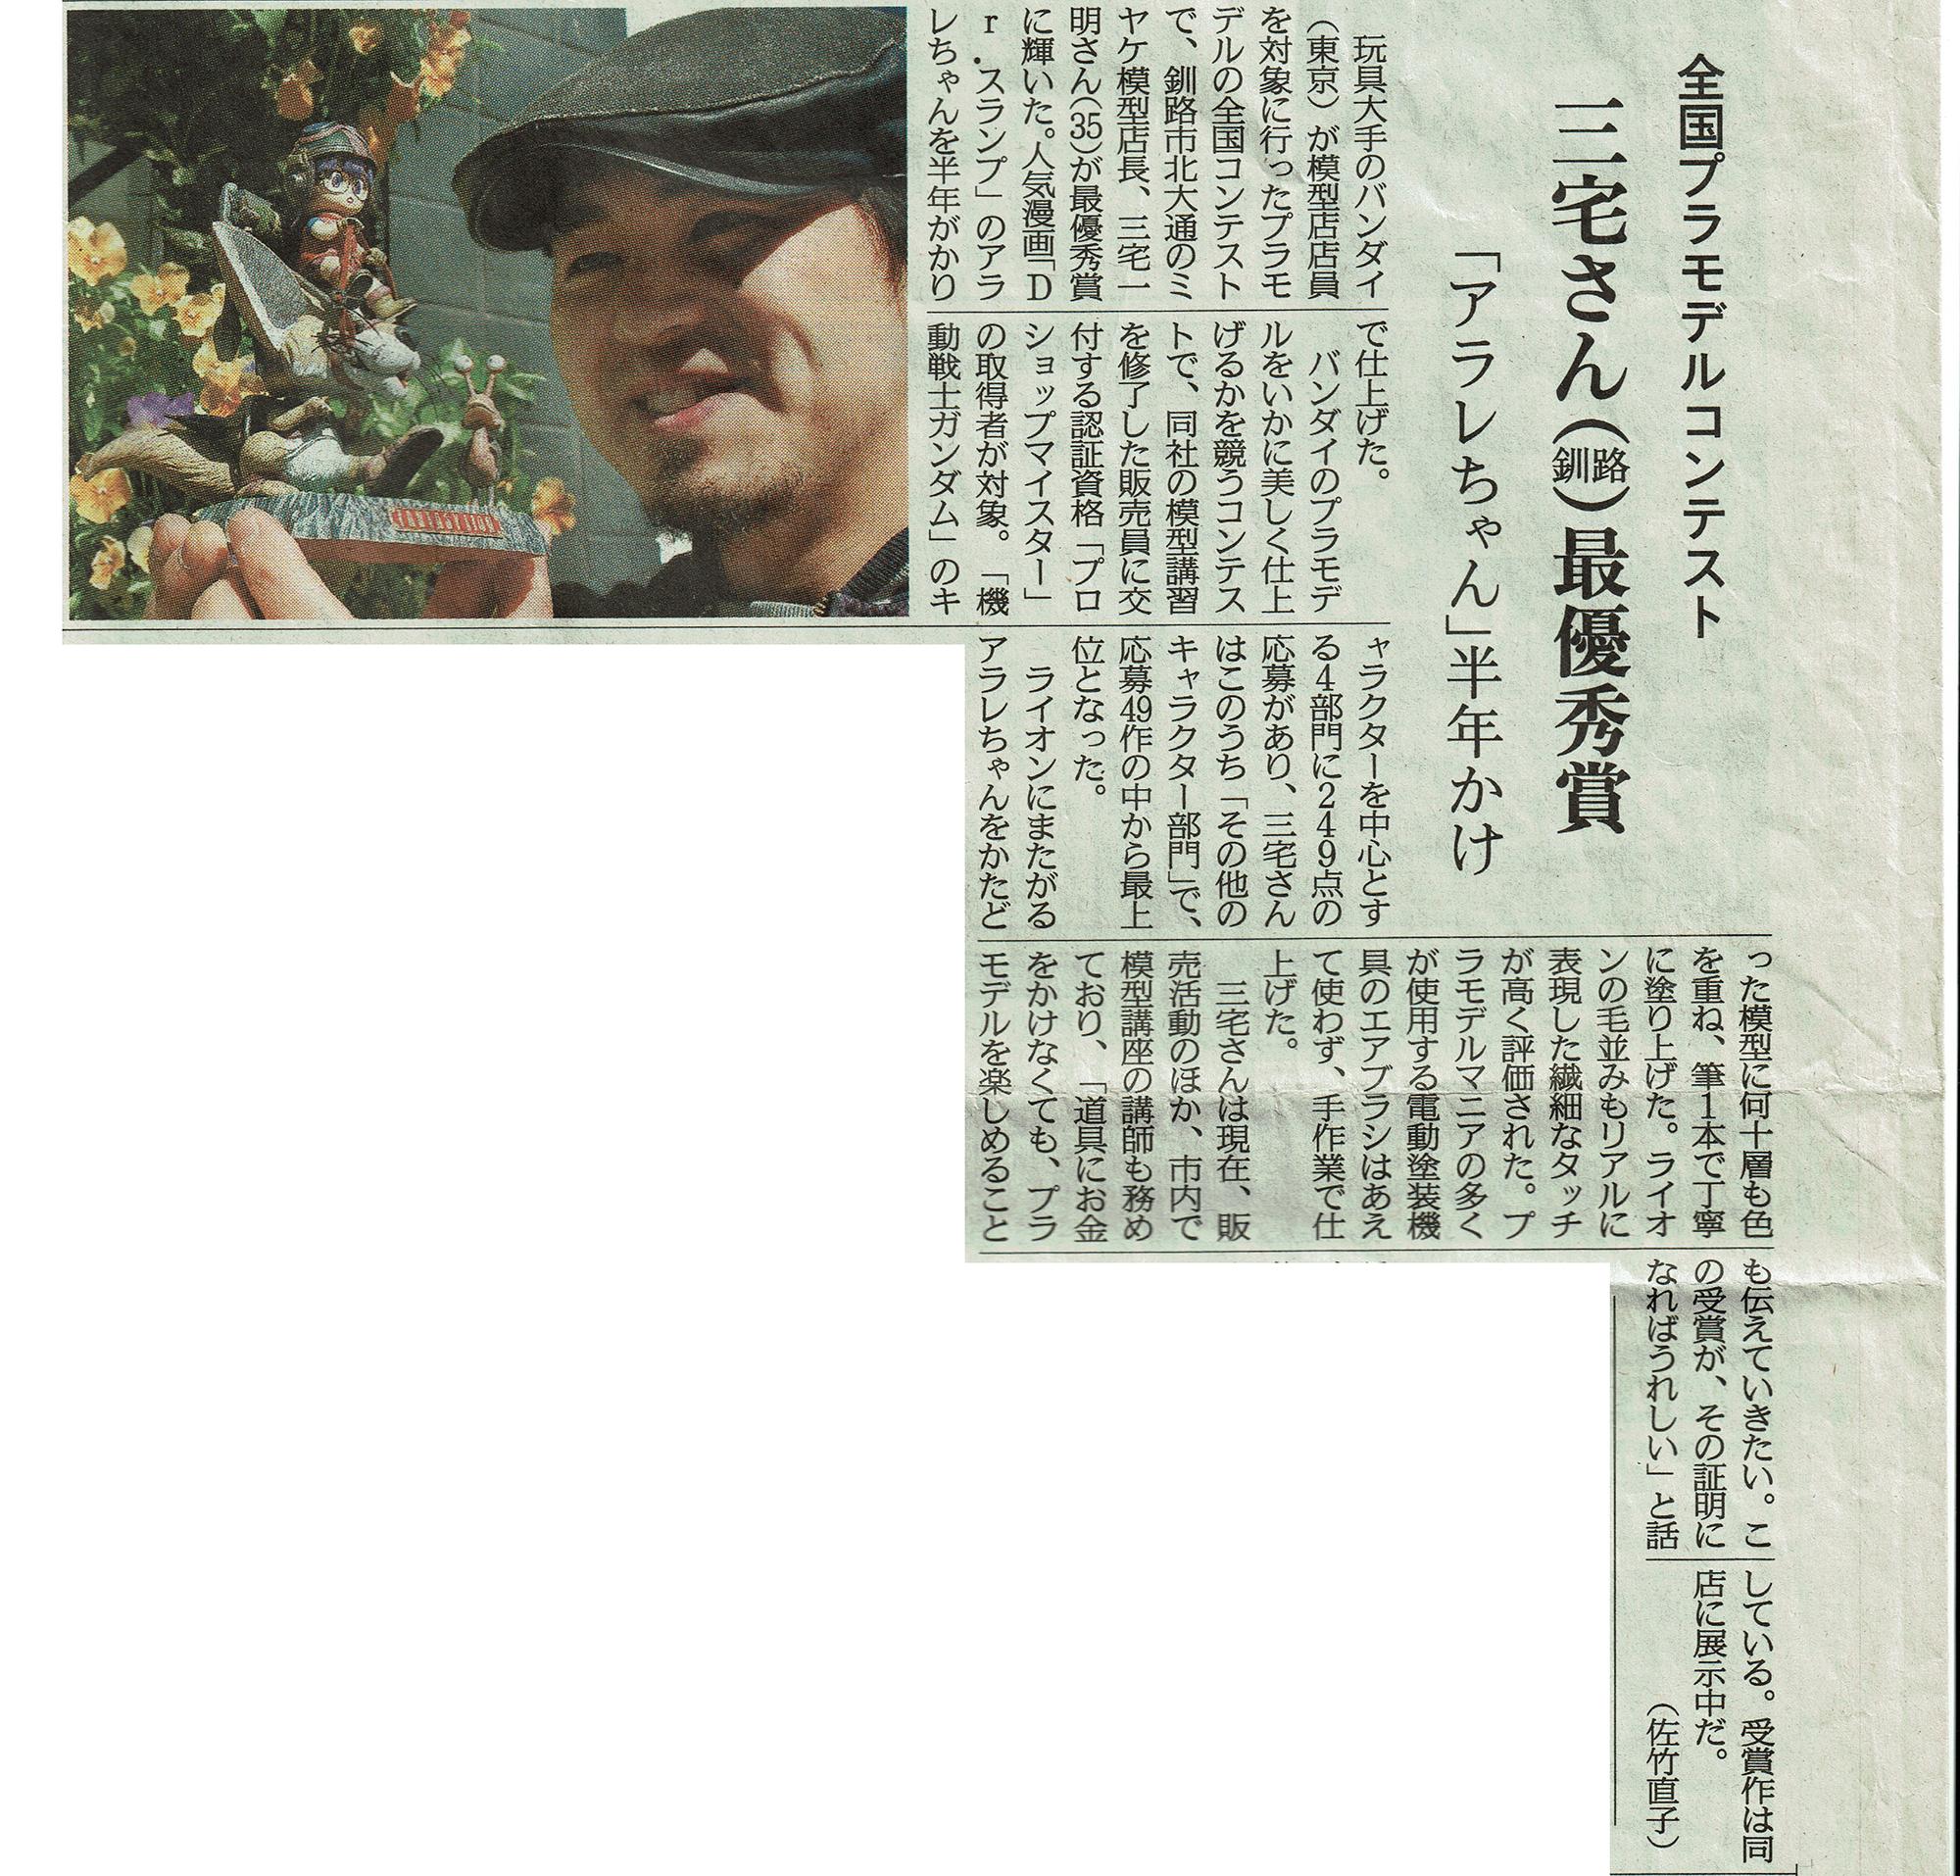 2009-6-30北海道新聞夕刊